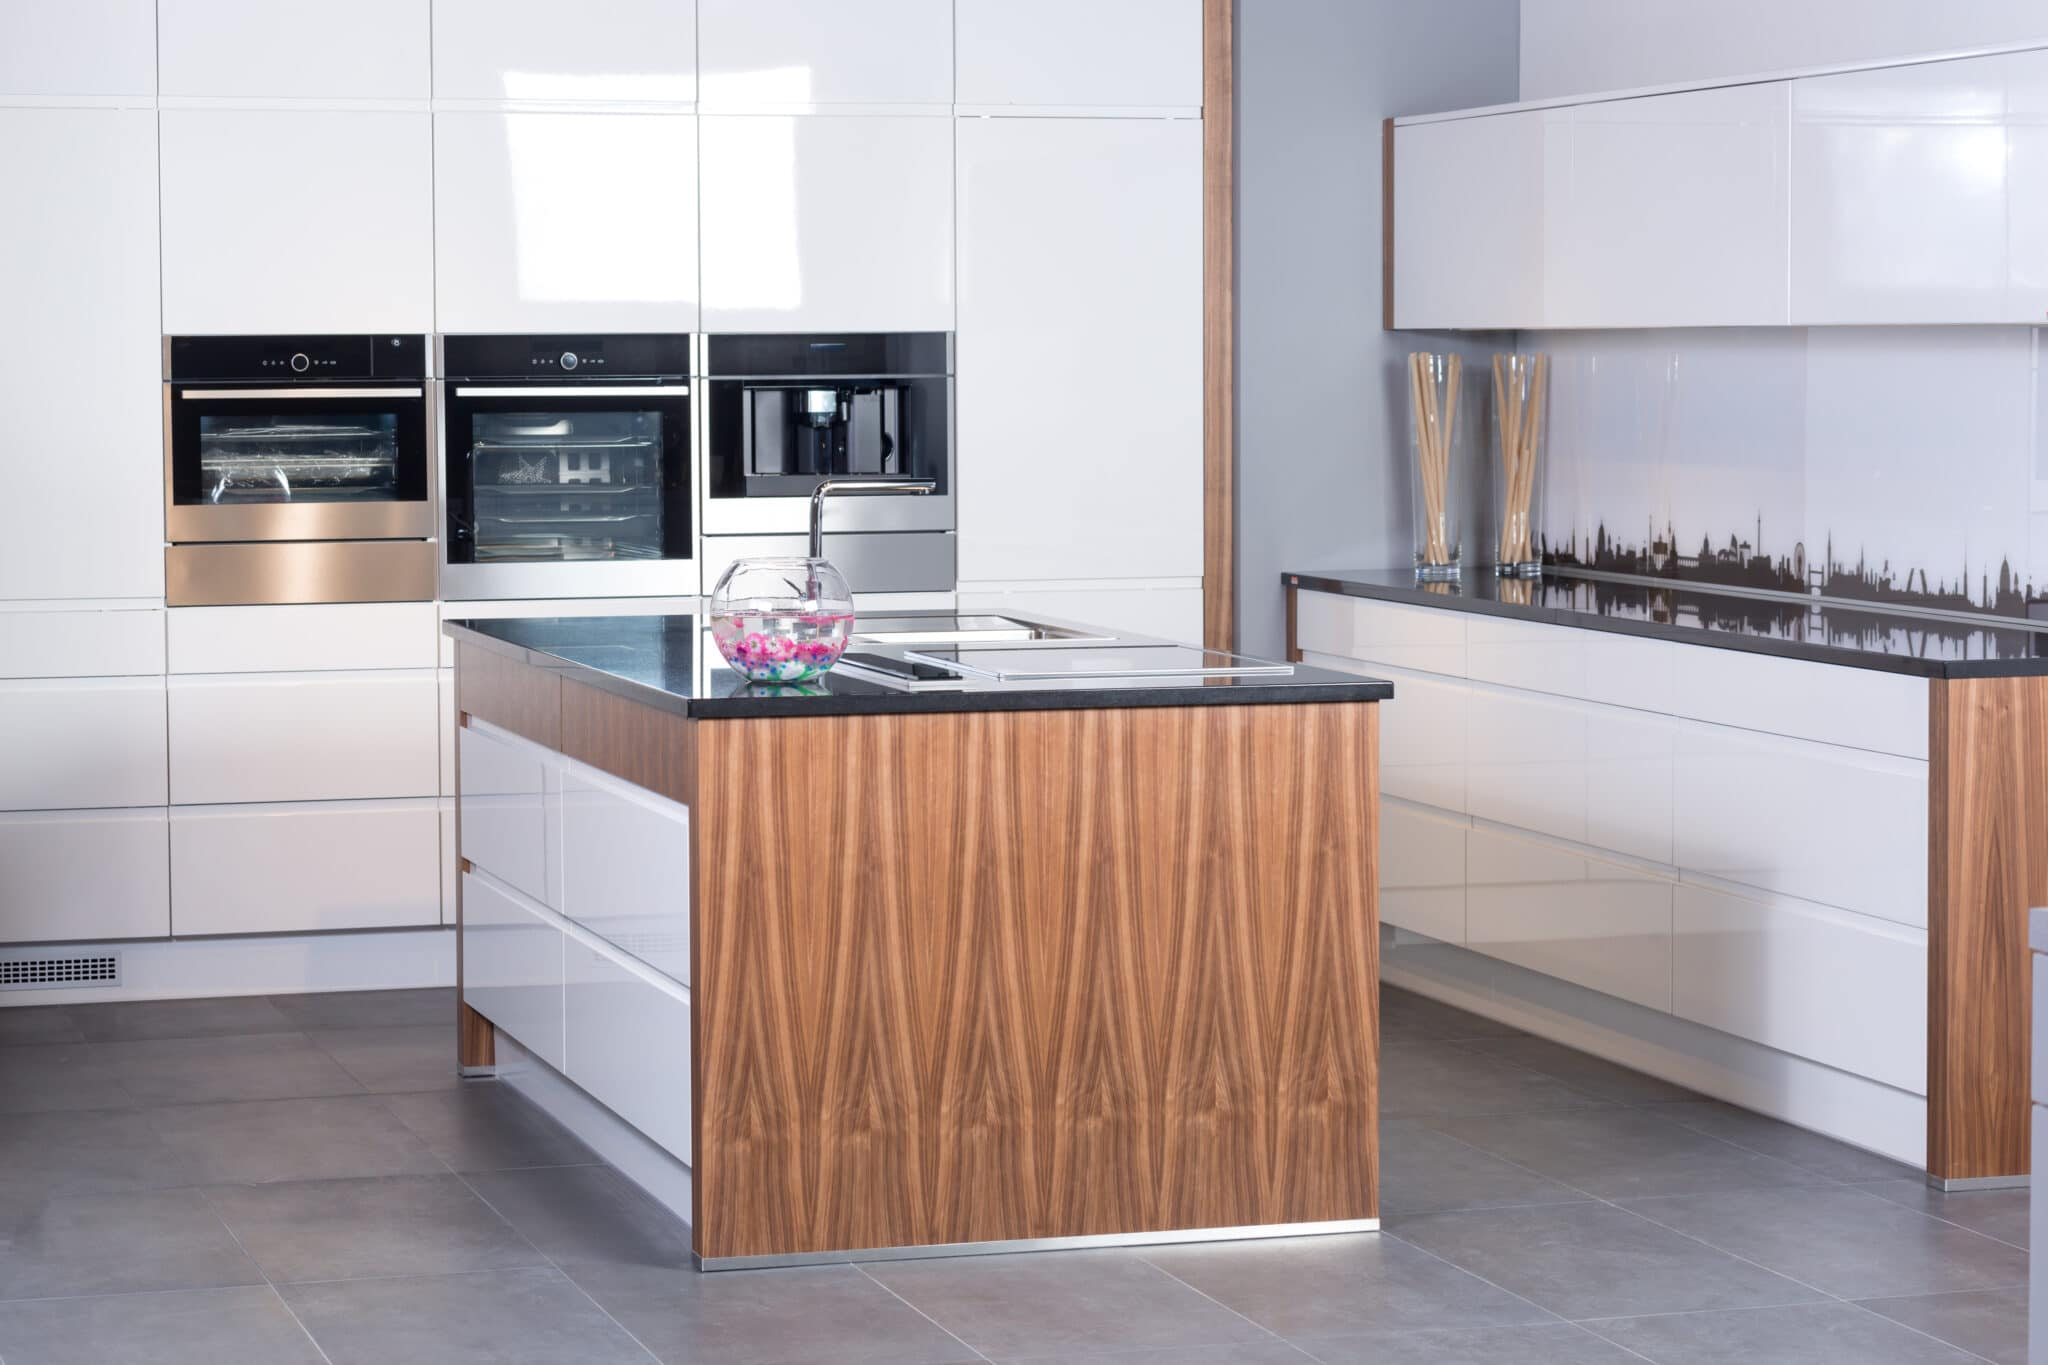 מטבחים מעץ תאורה למטבחים ממש מקצועיים עם מלא ידע בתחום שיודעים לספק פתרונות יעילים להתאמת תנורים גדולים לכל מטבח תוך כדי תחזוקת מטבחים